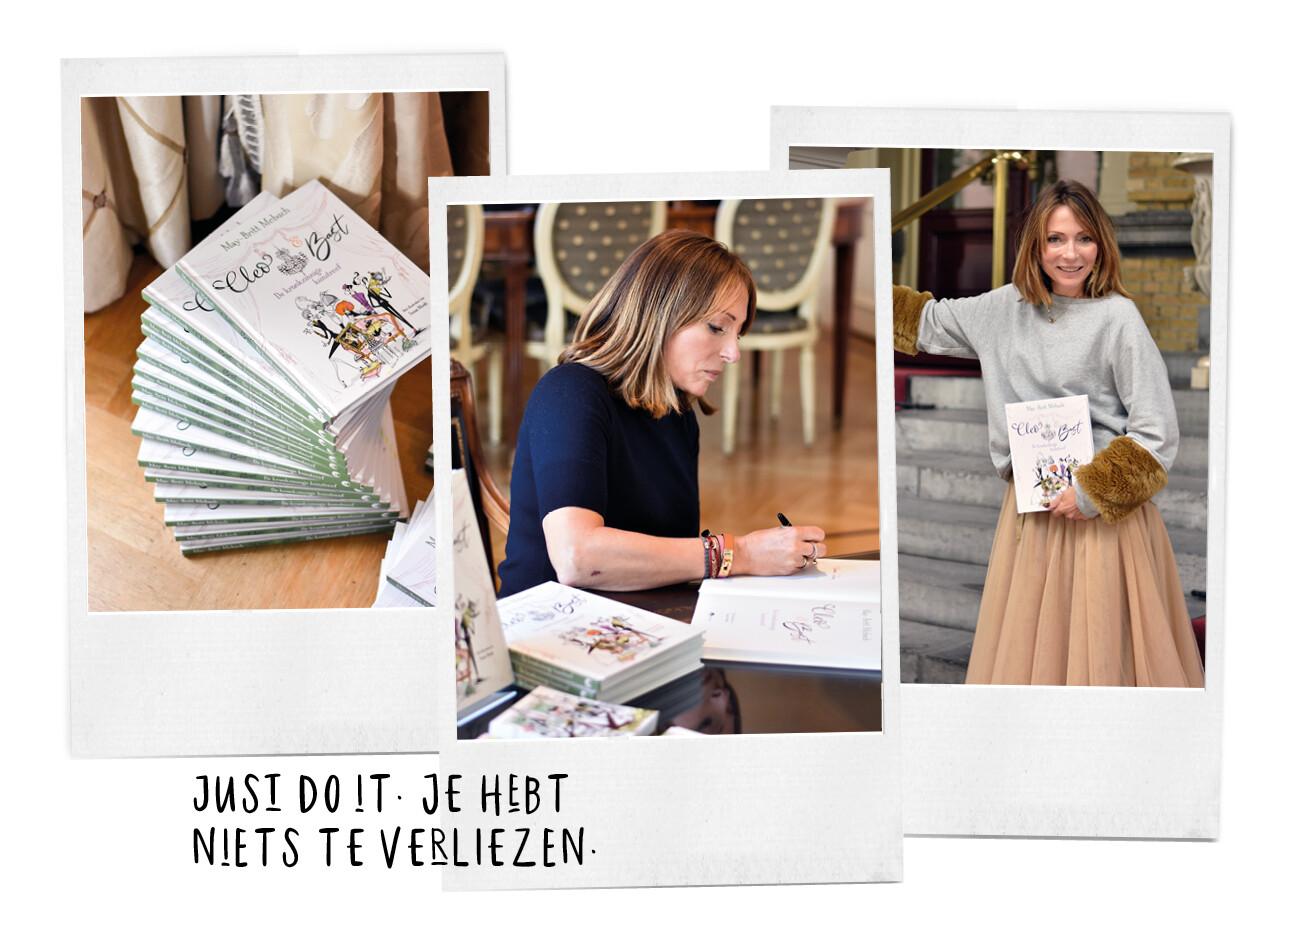 May-Britt Mobach en haar boek Cleo & Bast